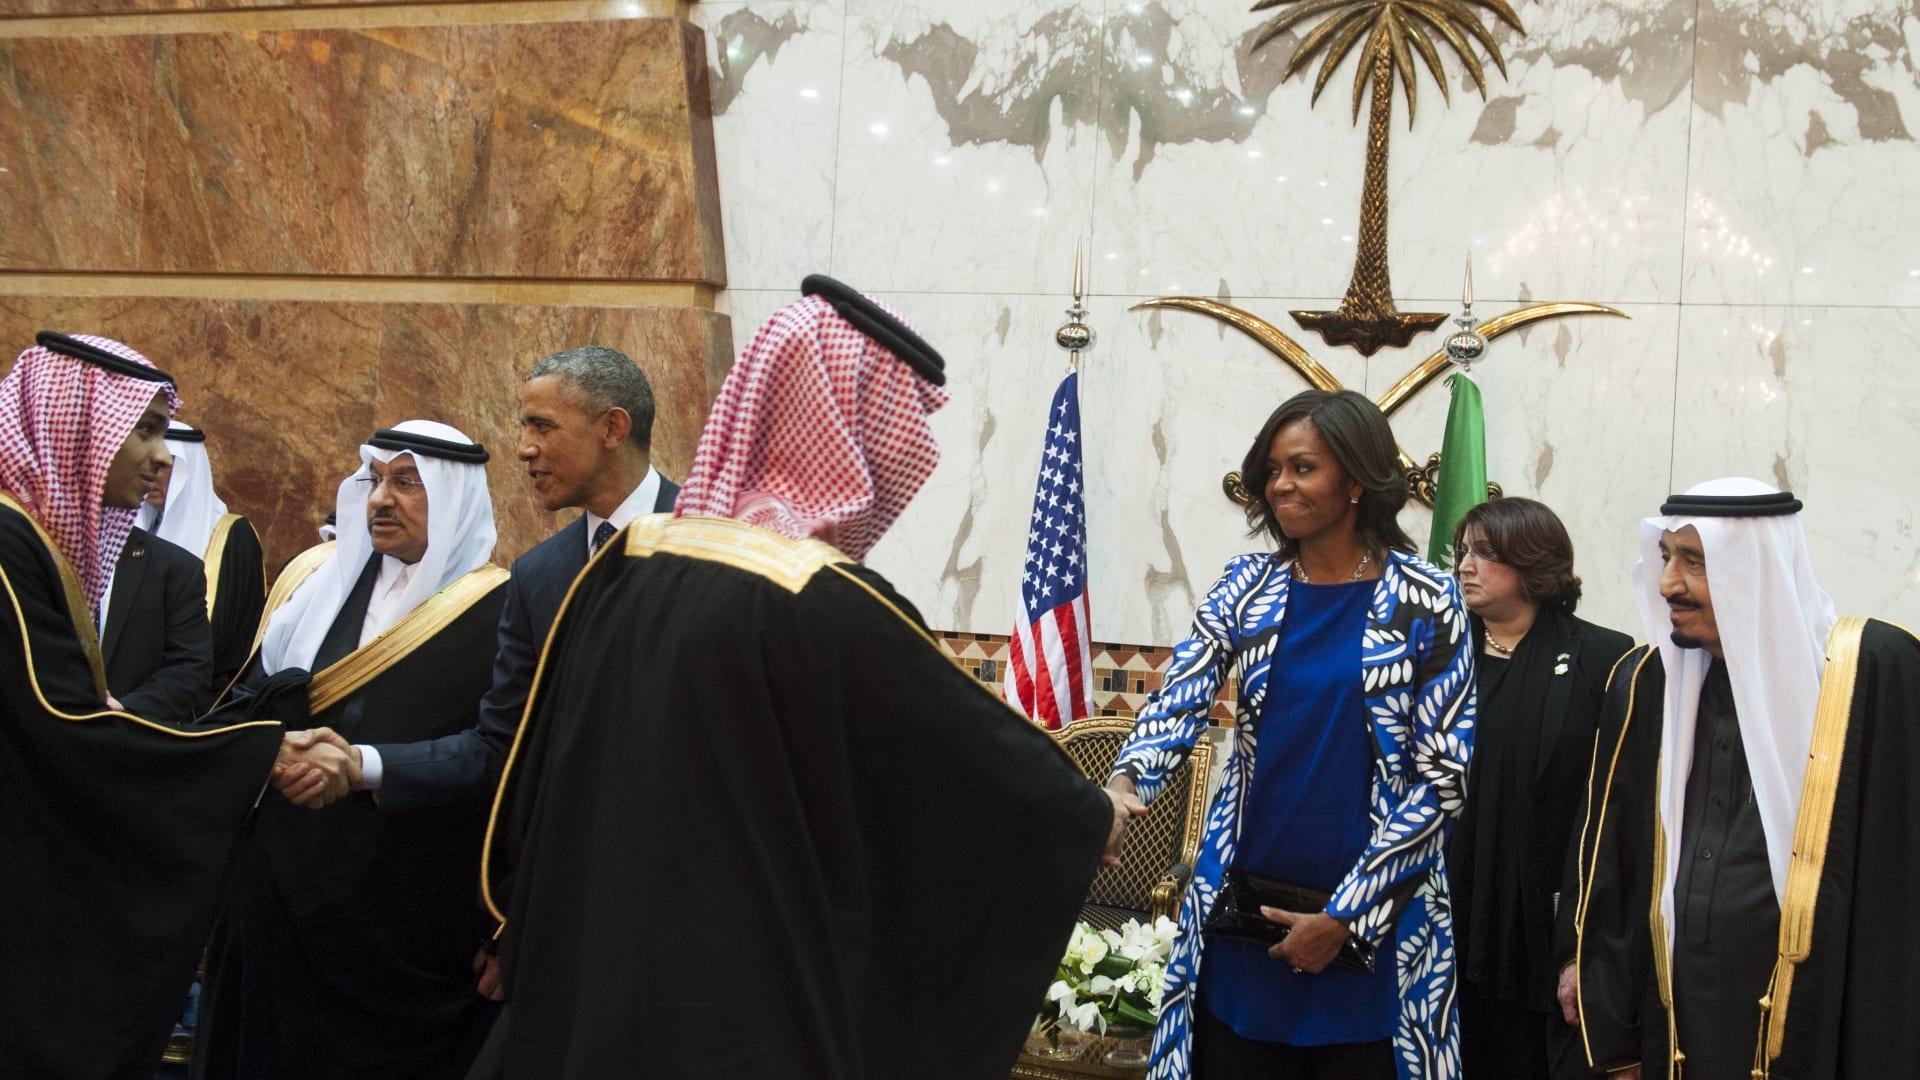 بالصور: زوجة أوباما صافحت العاهل السعودي باليد.. هل من مشكلة في ذلك؟